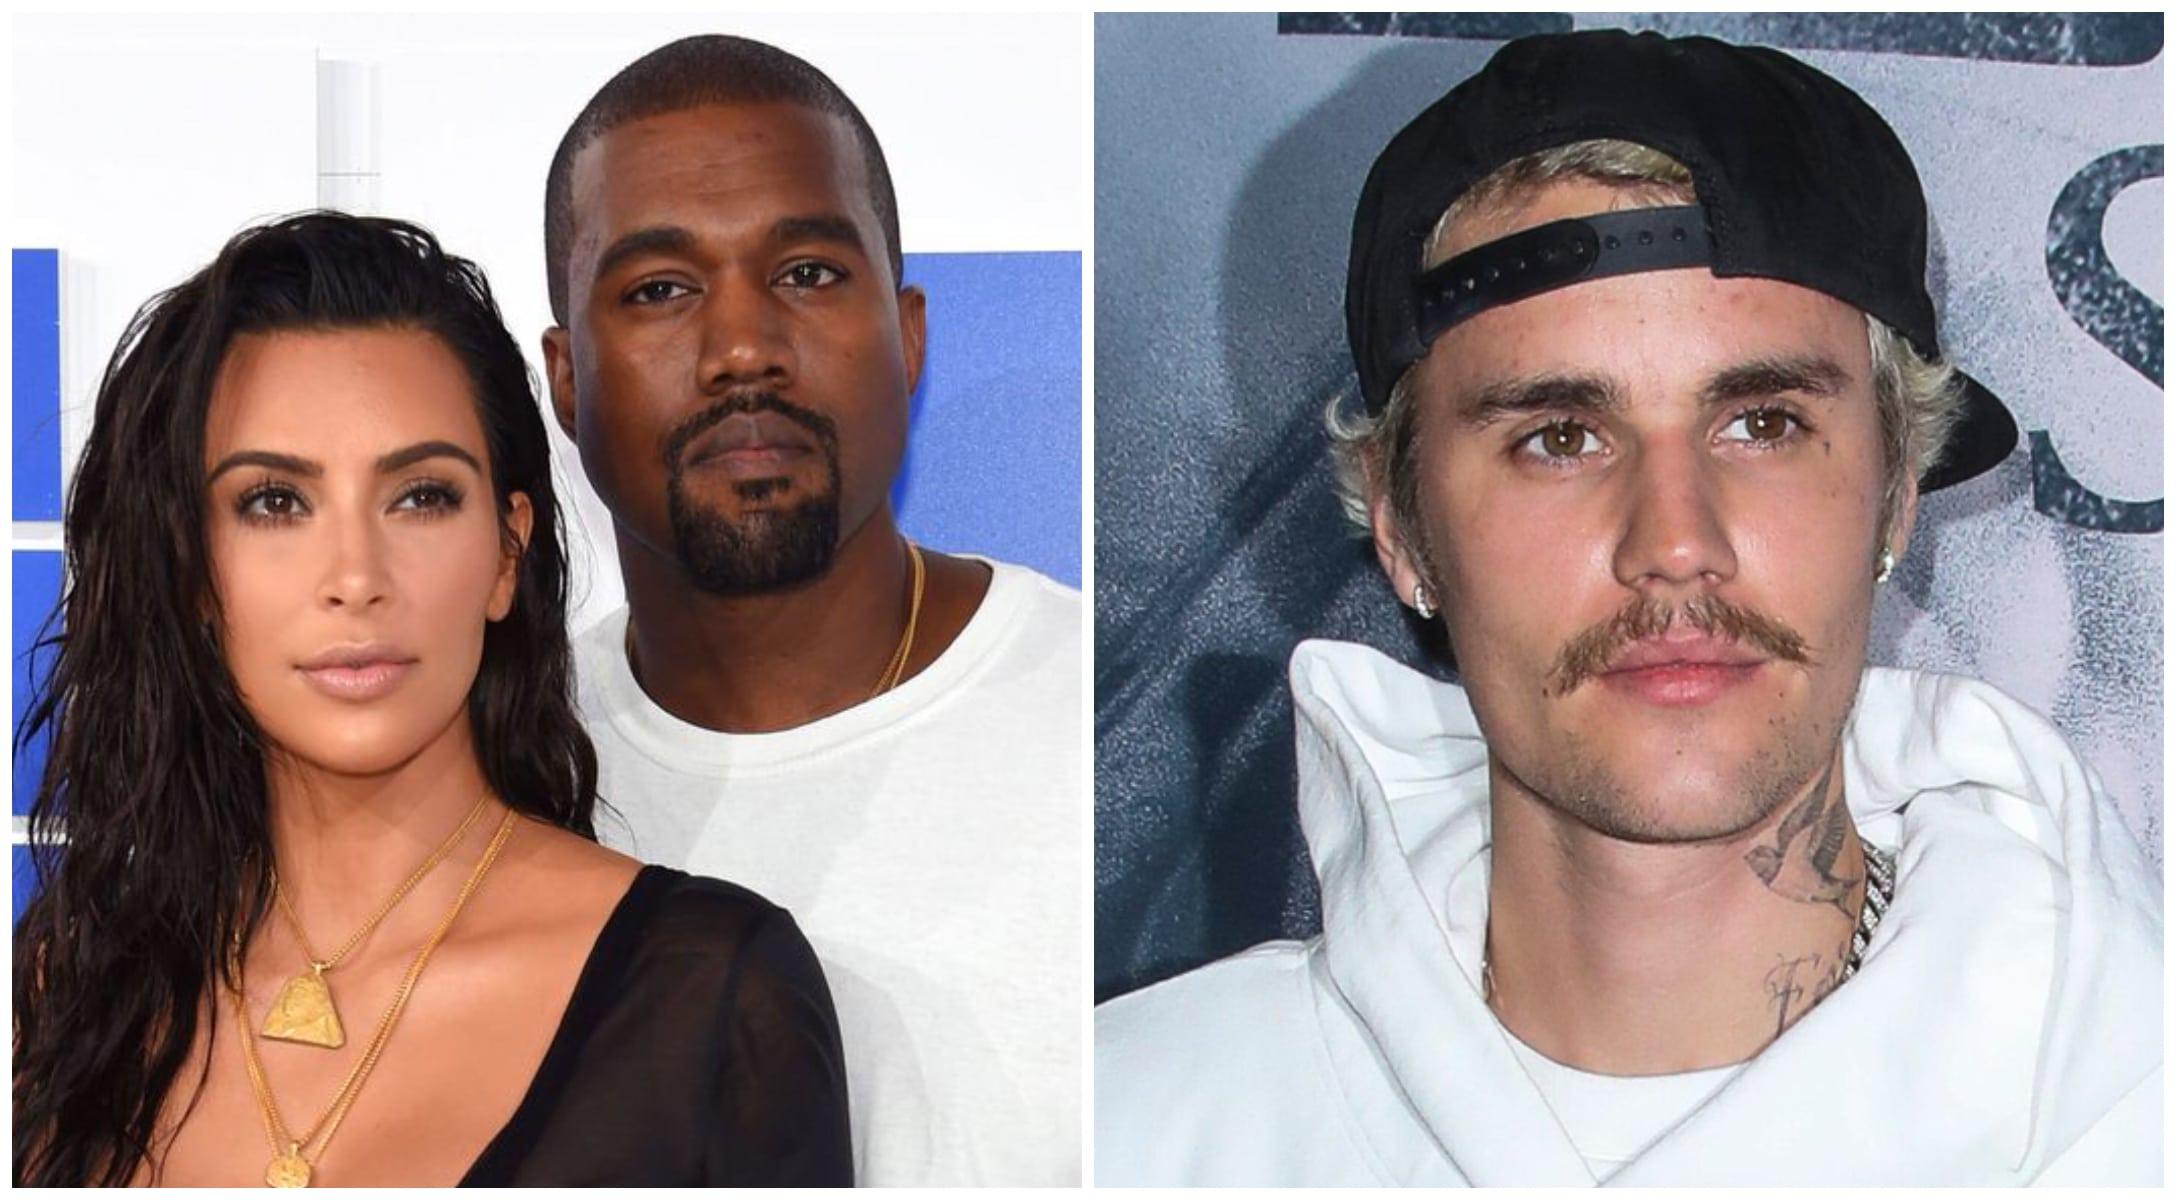 Kim Kardashian et Kanye West au bord de la rupture : Justin Bieber décide d'agir